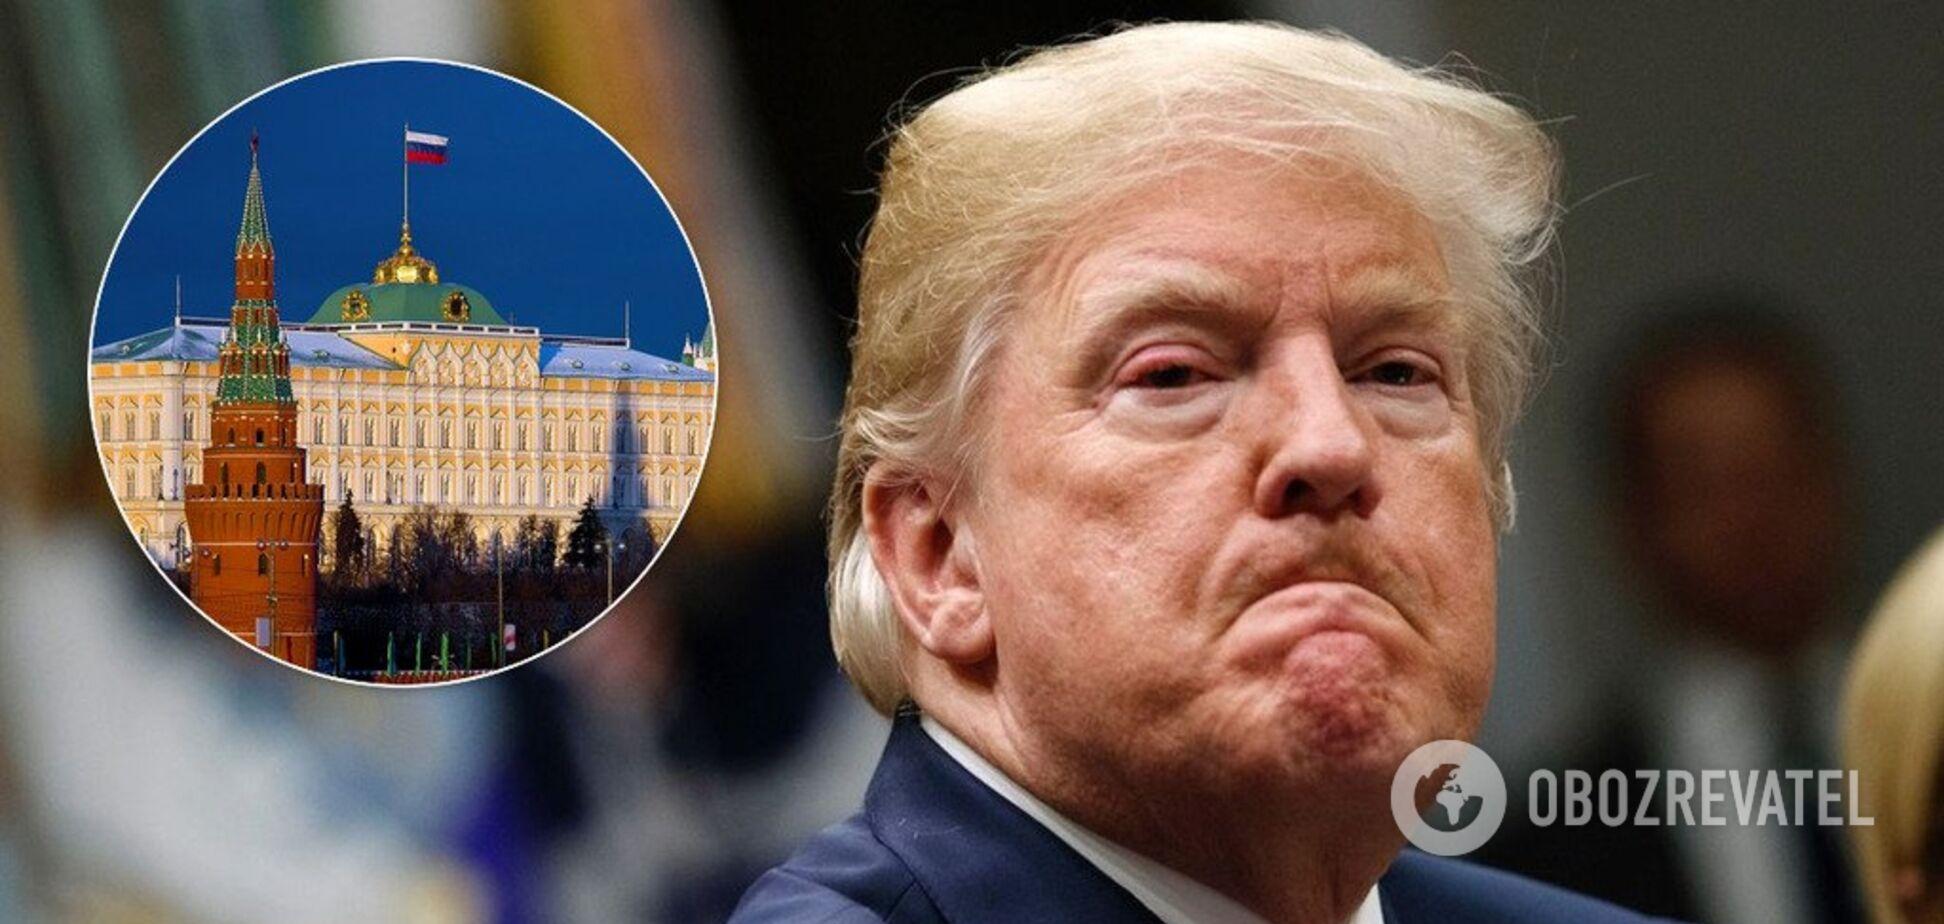 'Трамп залежить від Москви': дипломат вказав на ознаку